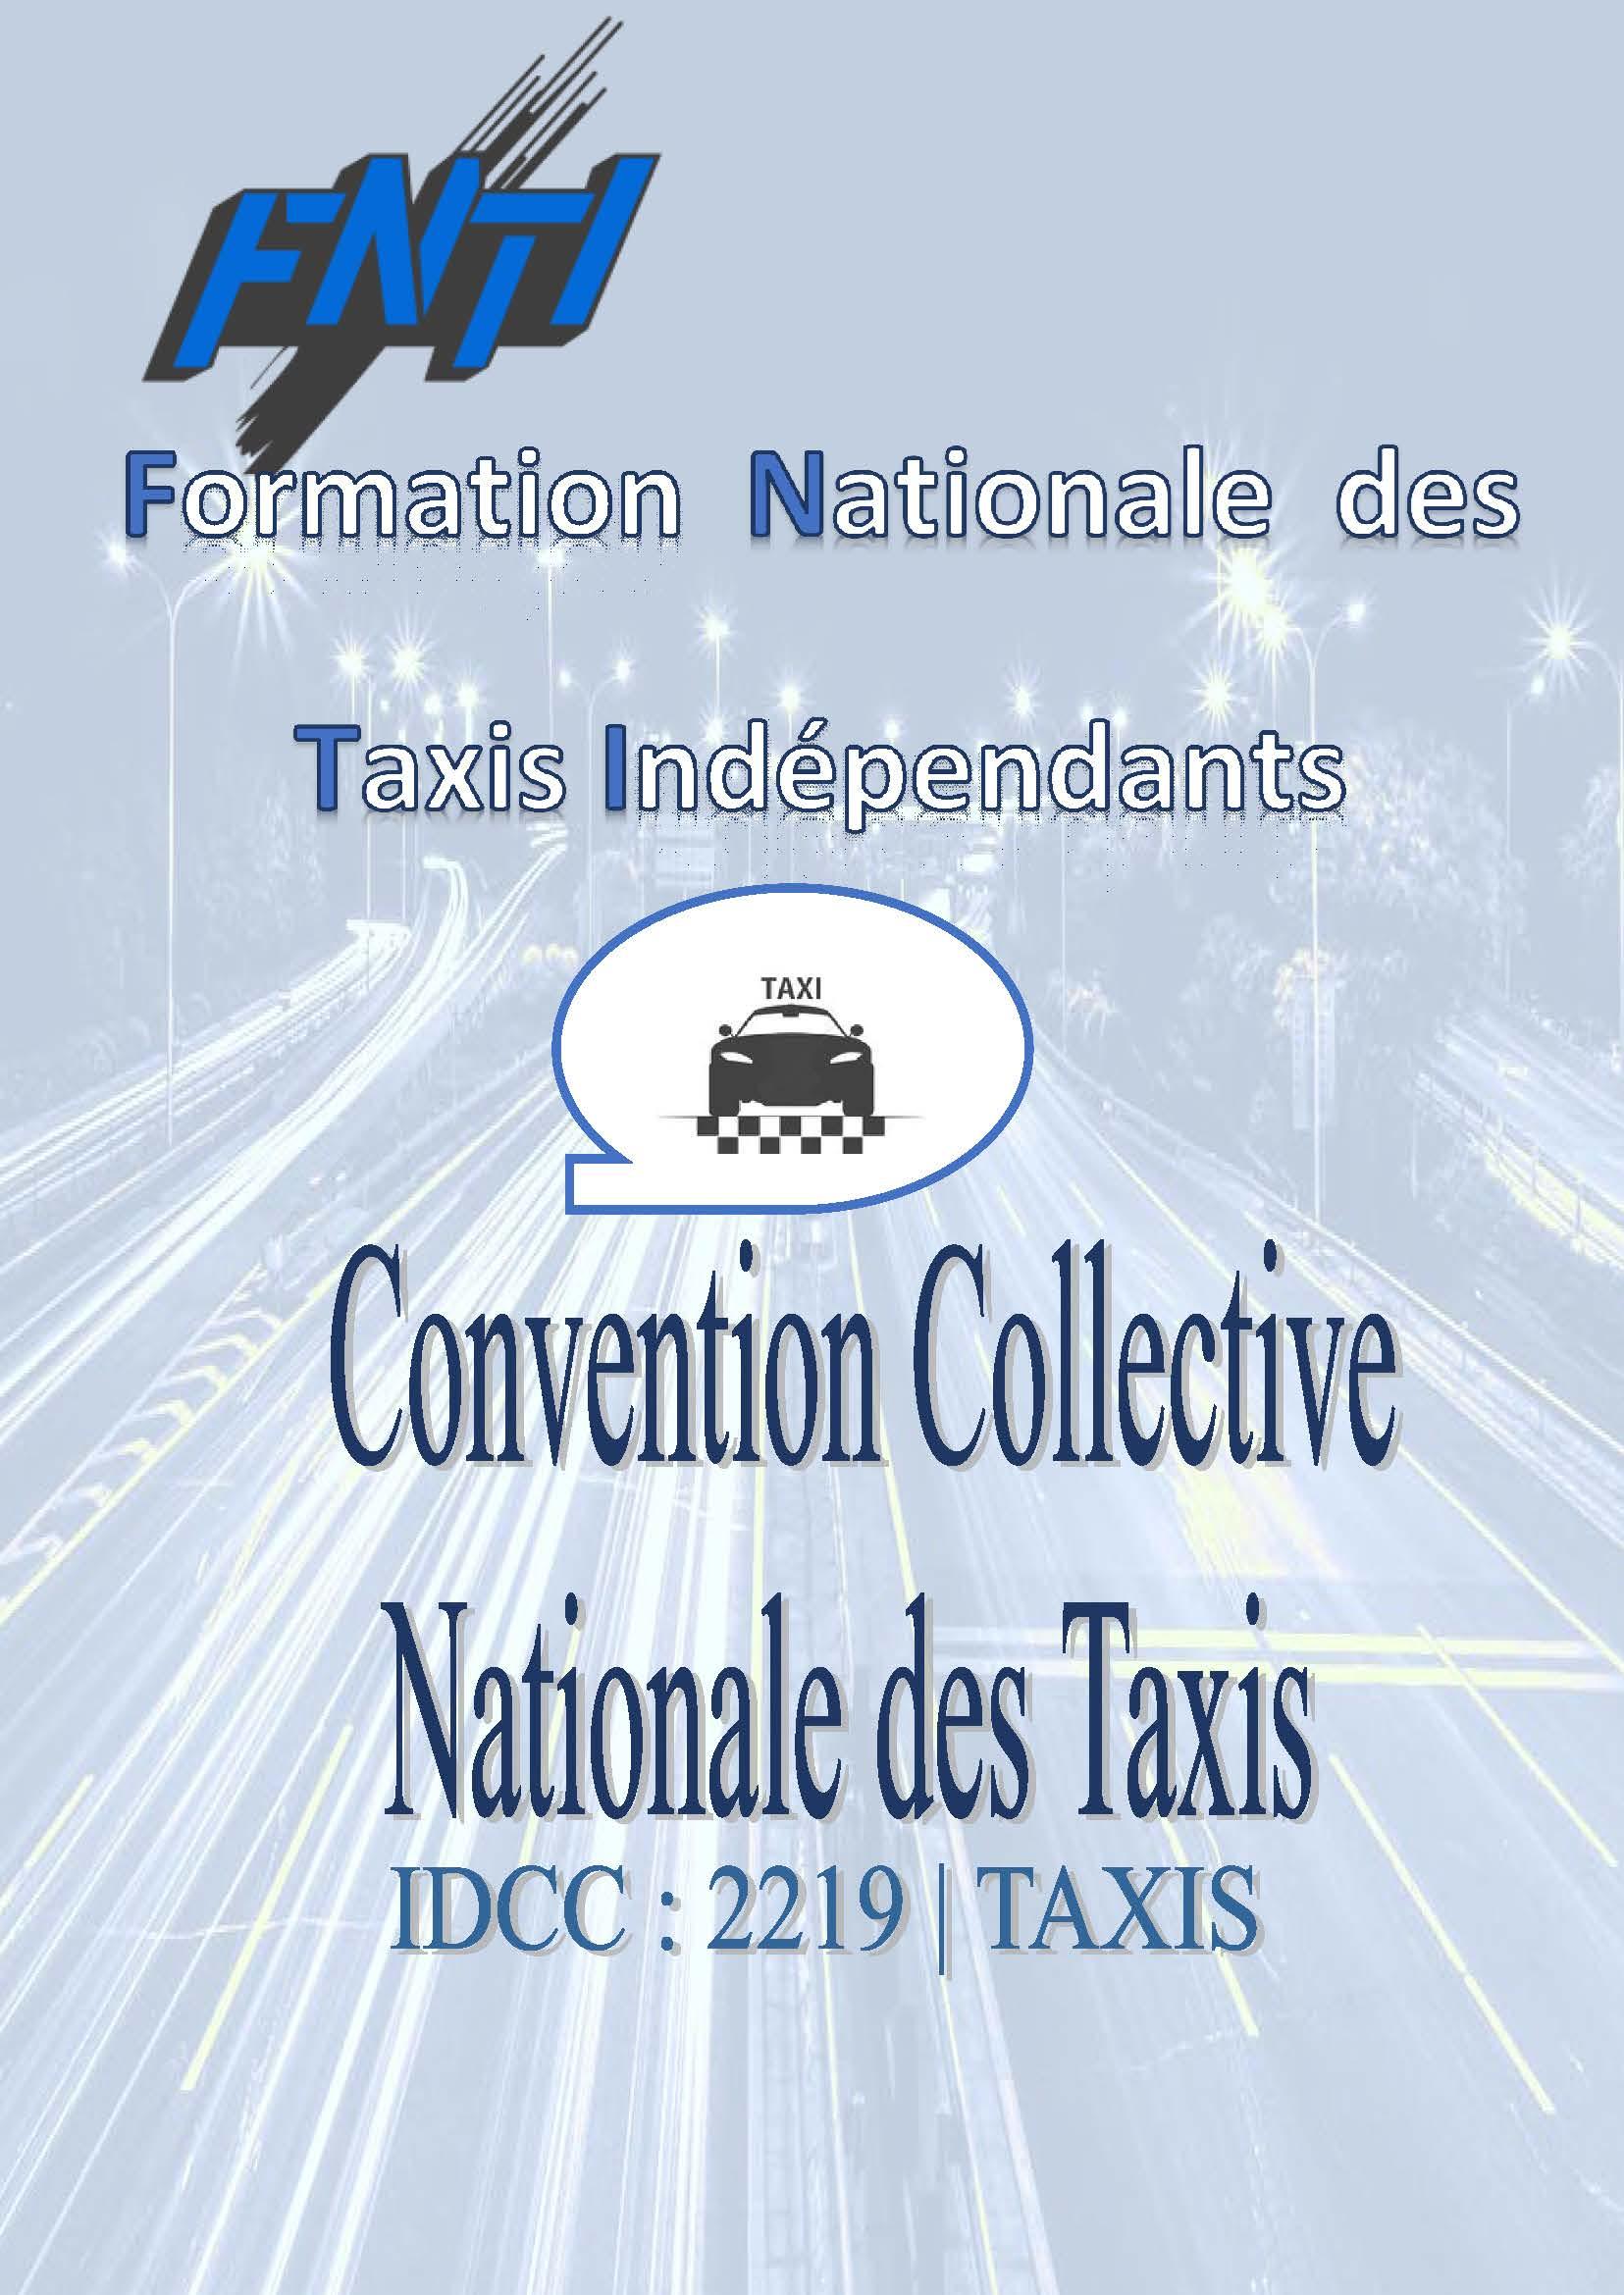 Image de la couverture de la Convention Collective des Taxis , mise à jour Déecembre 2020